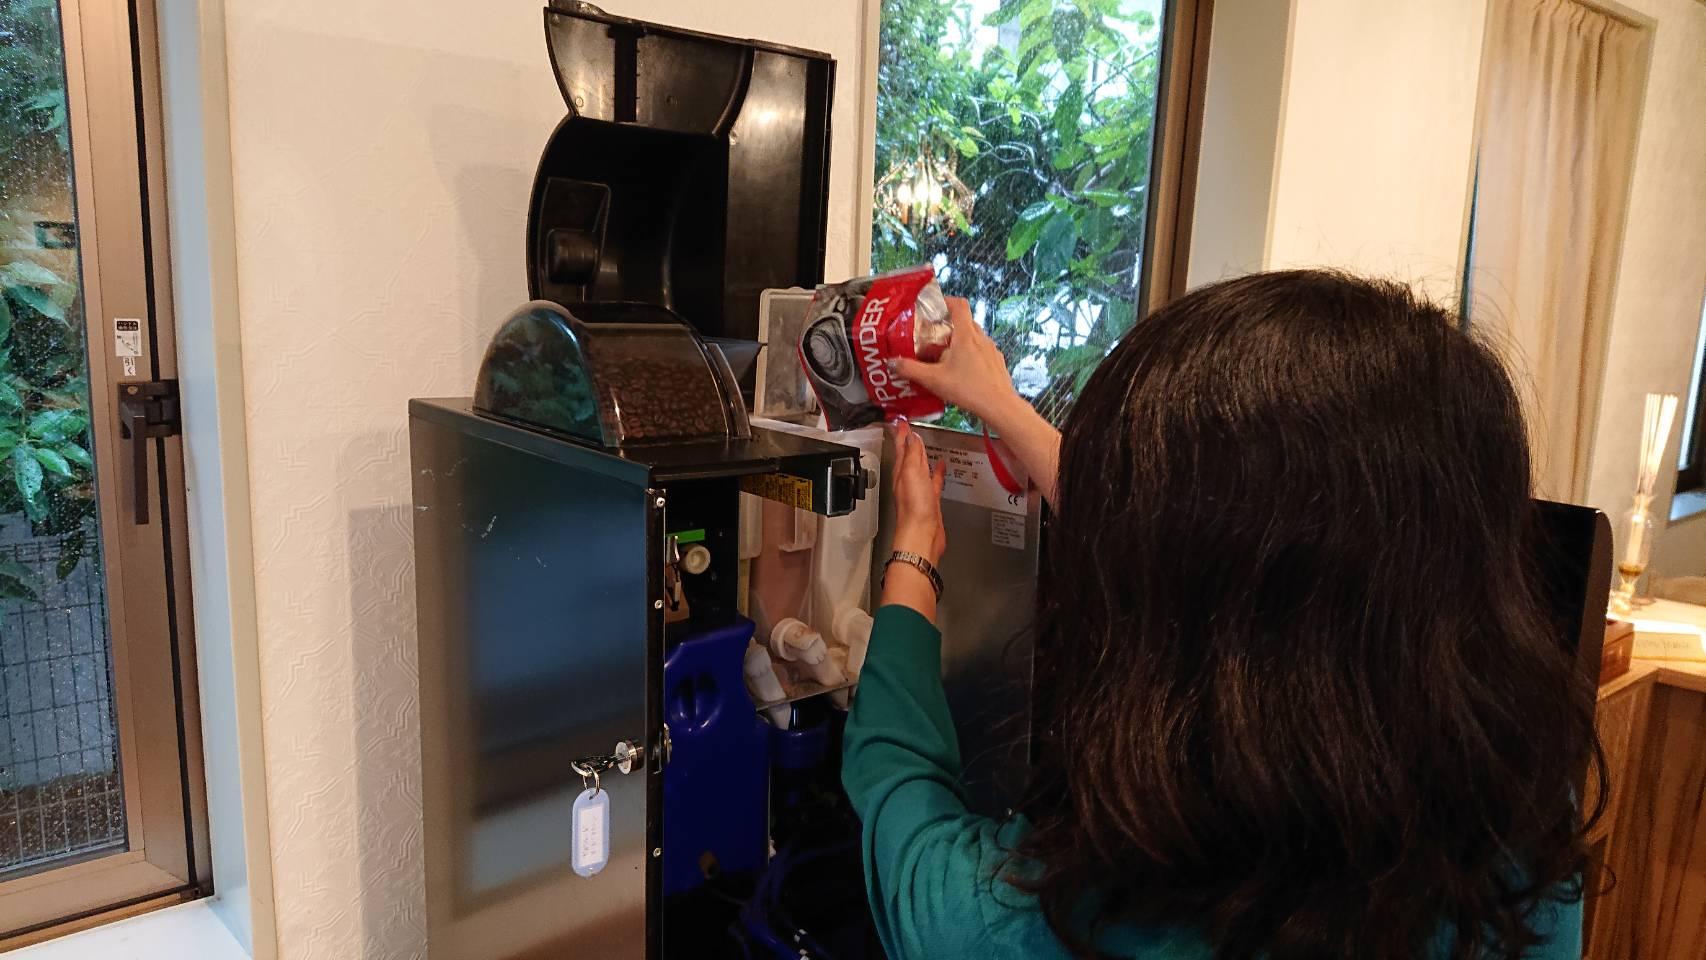 レンタルサロン グラマラスエイチ麻布広尾のスタッフの毎朝は、施設の掃除や備品の補充から始まります。